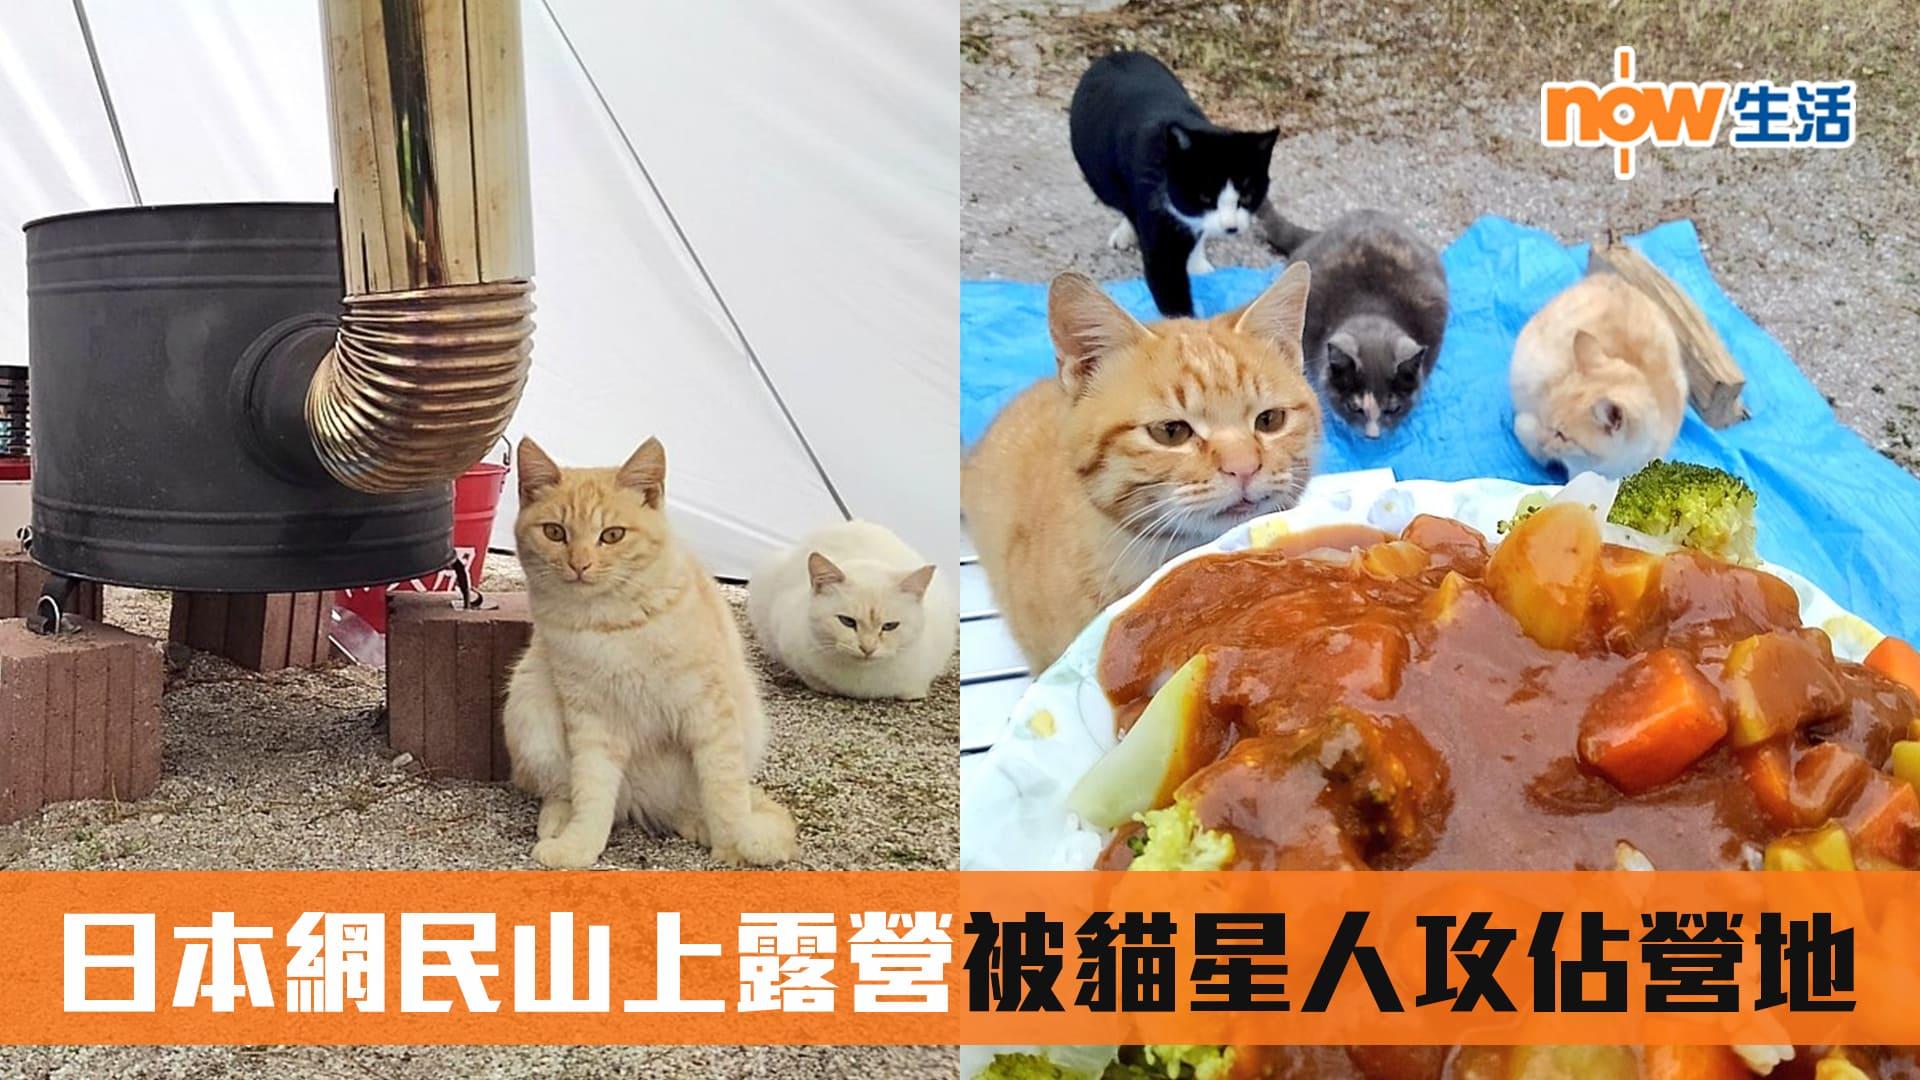 【最可愛山賊】日本網民山上露營被貓星人攻佔營地